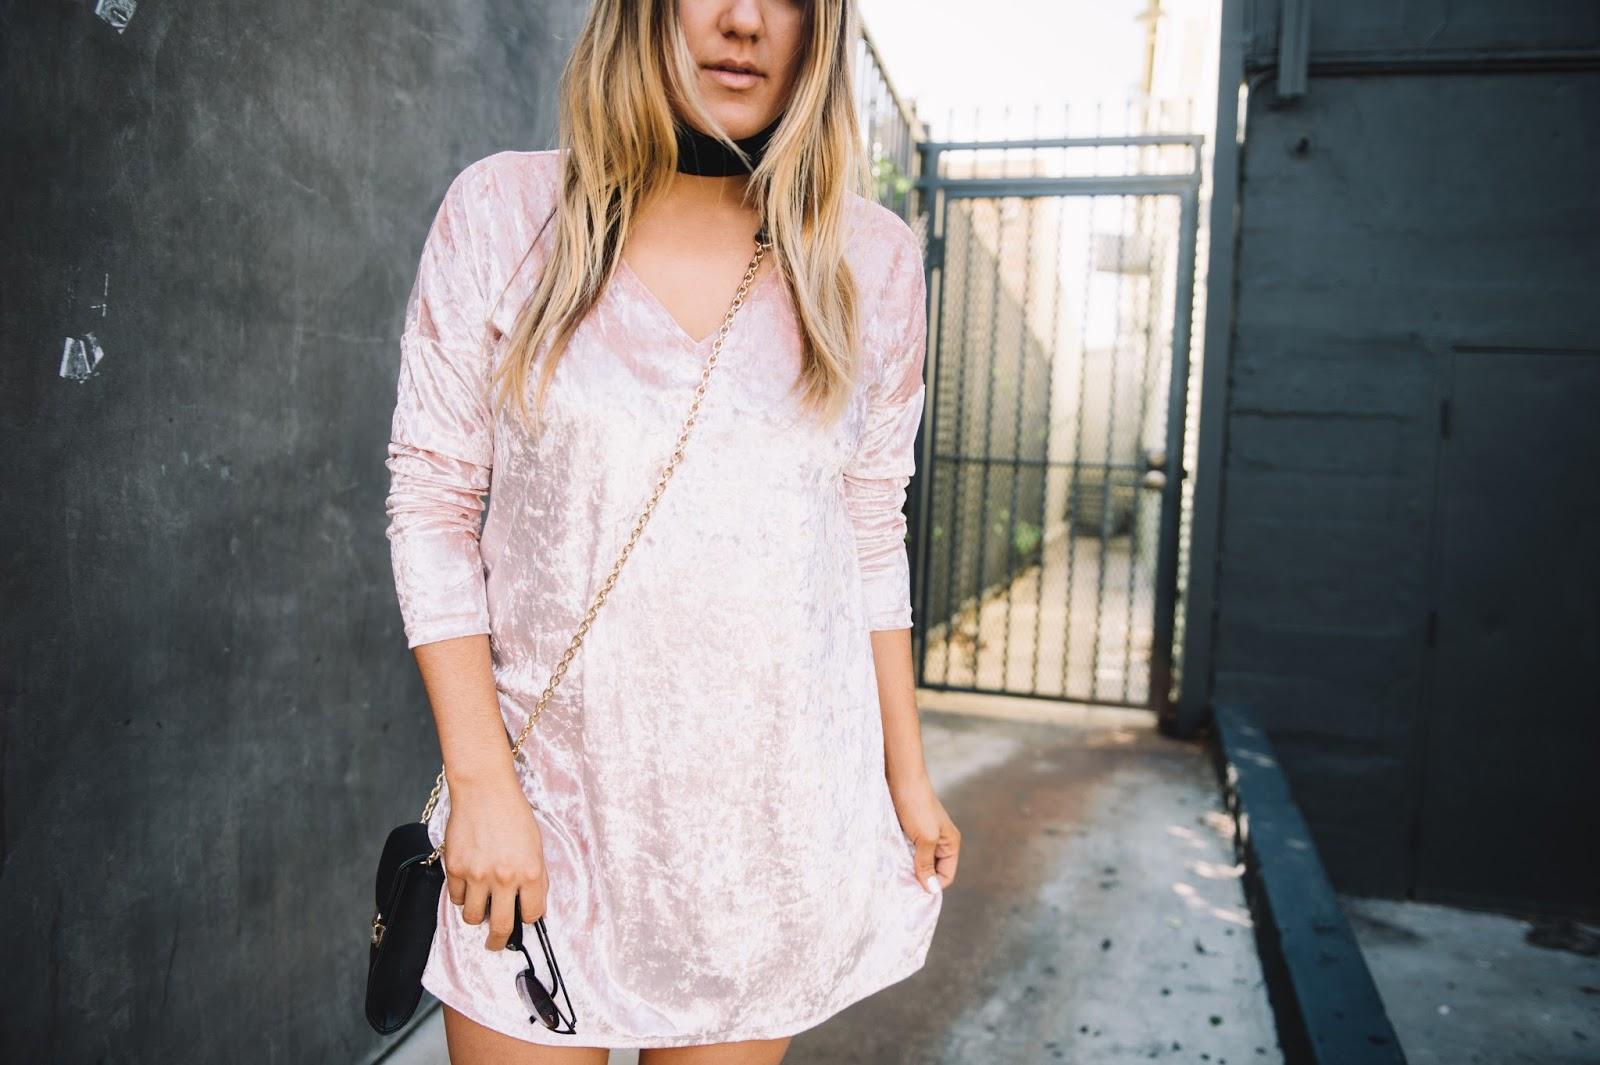 LA Style Blogger @taylorwinkelmeyer